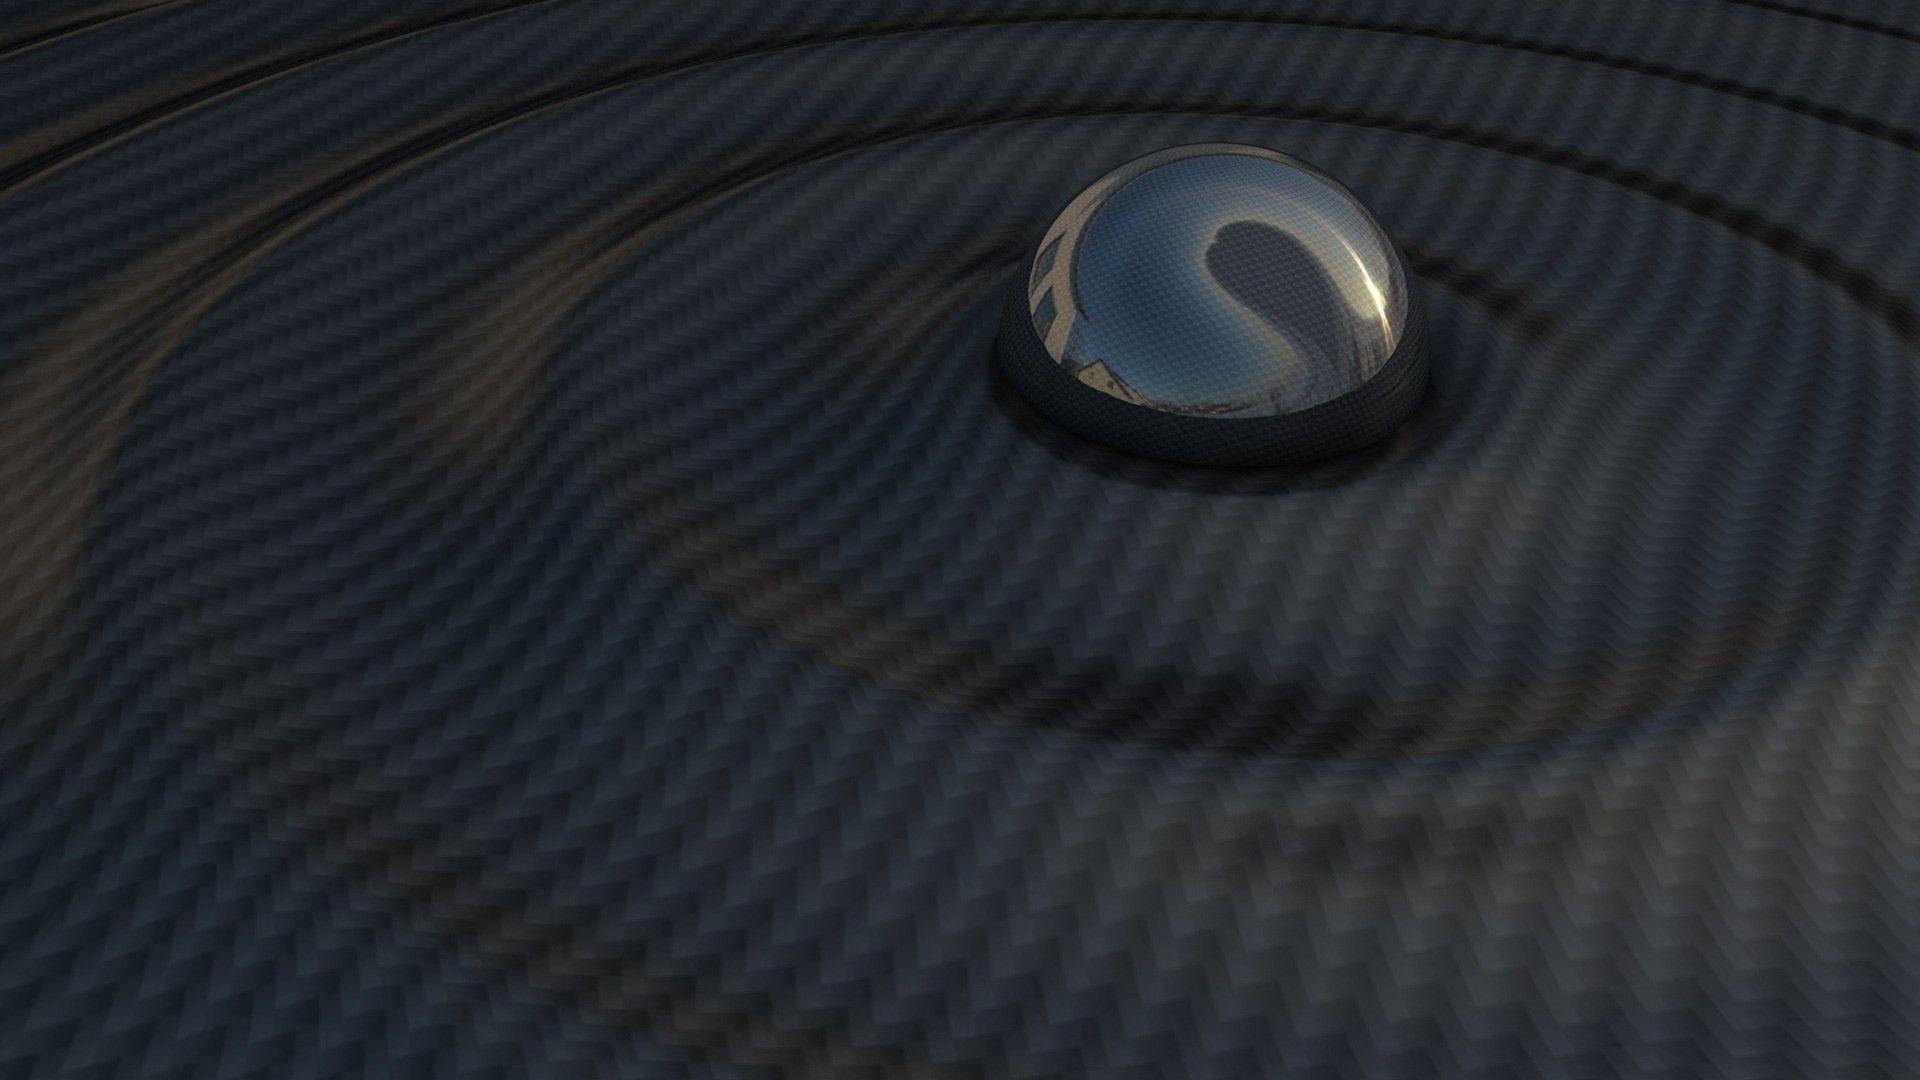 Carbon Fiber Wallpaper Photo HD